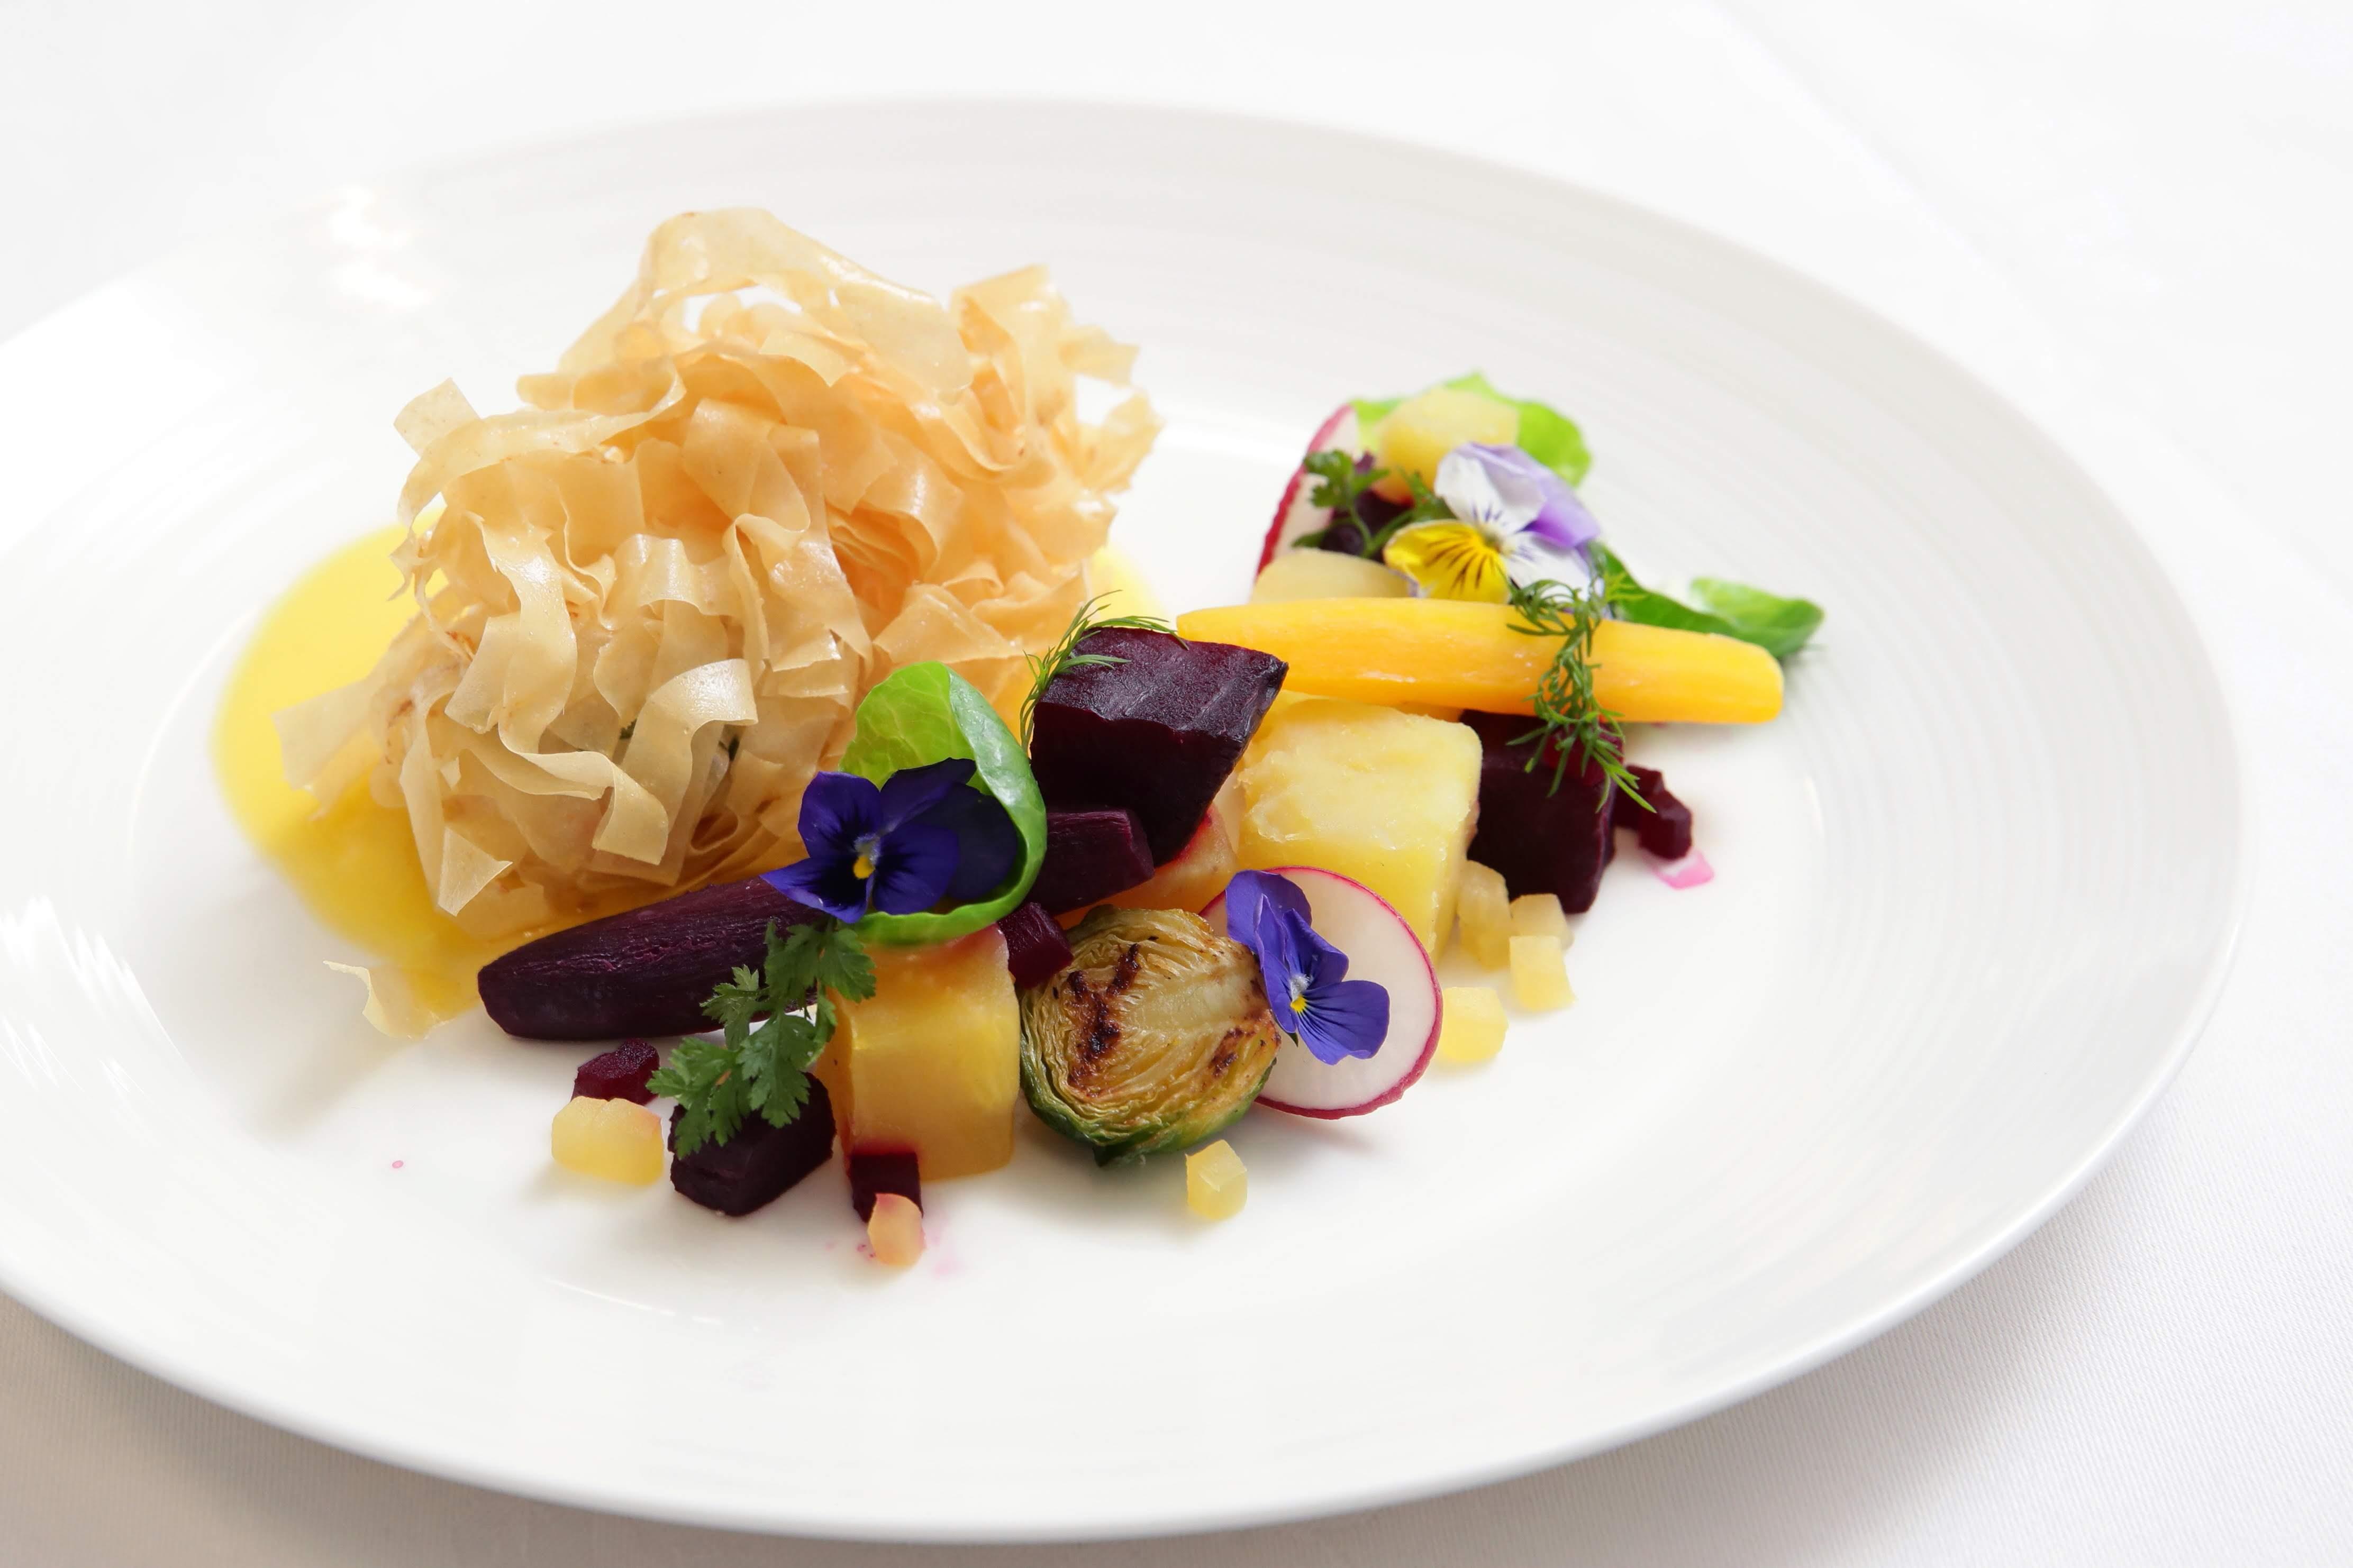 期間限定 「Best Chef 料理コンクール」優勝作品をランチタイムにてご提供いたします。